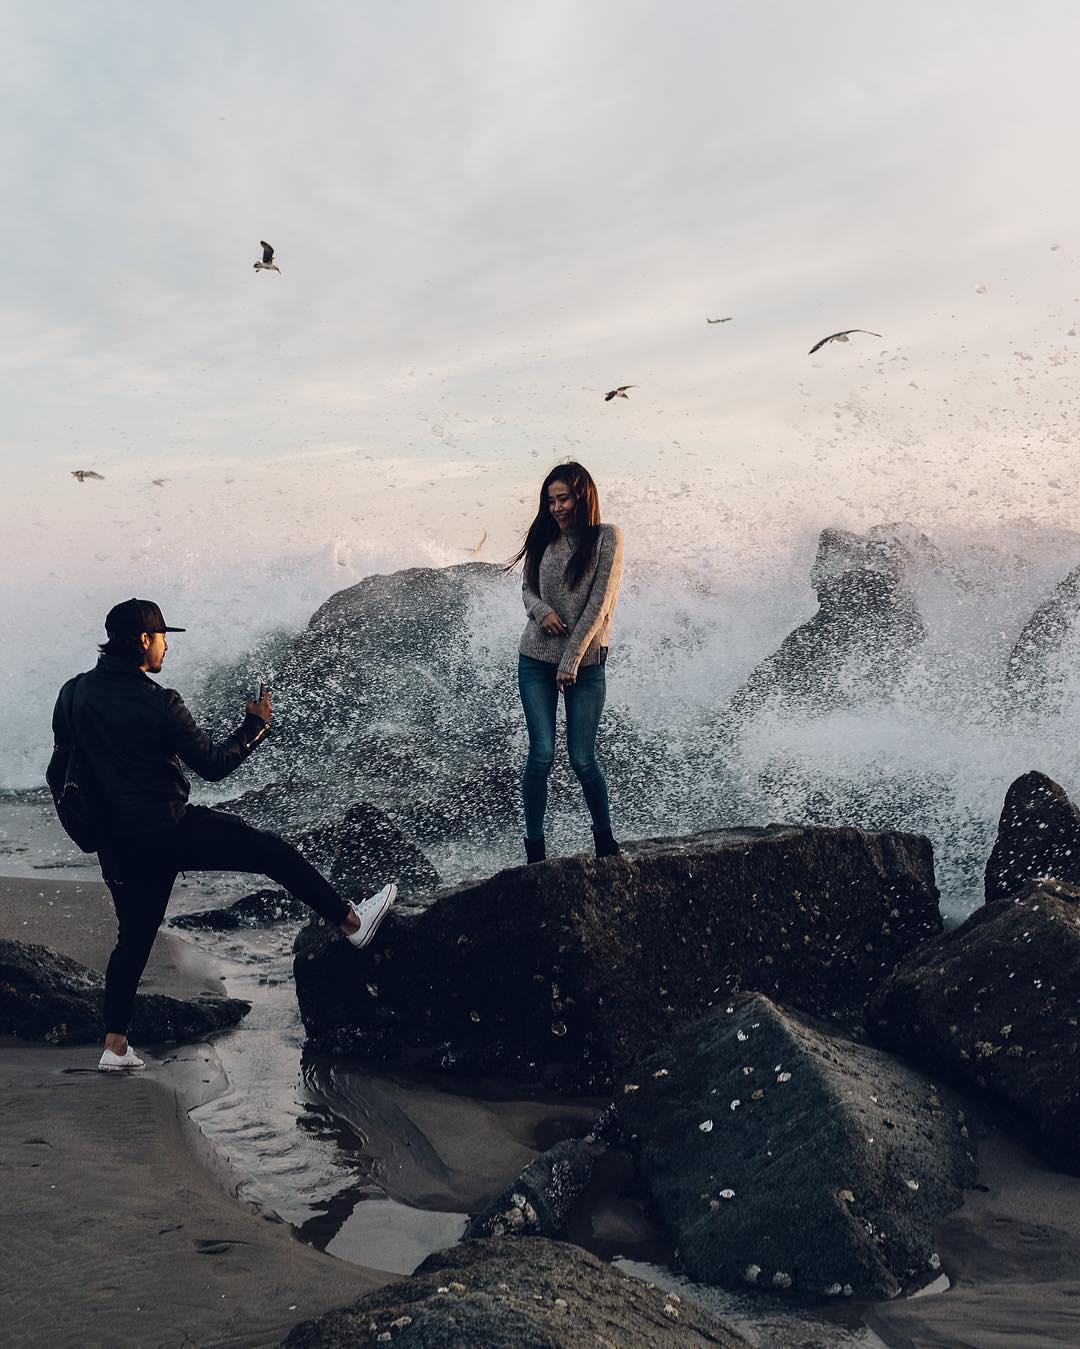 Потрясающие снимки из Instagram Брэда Романо